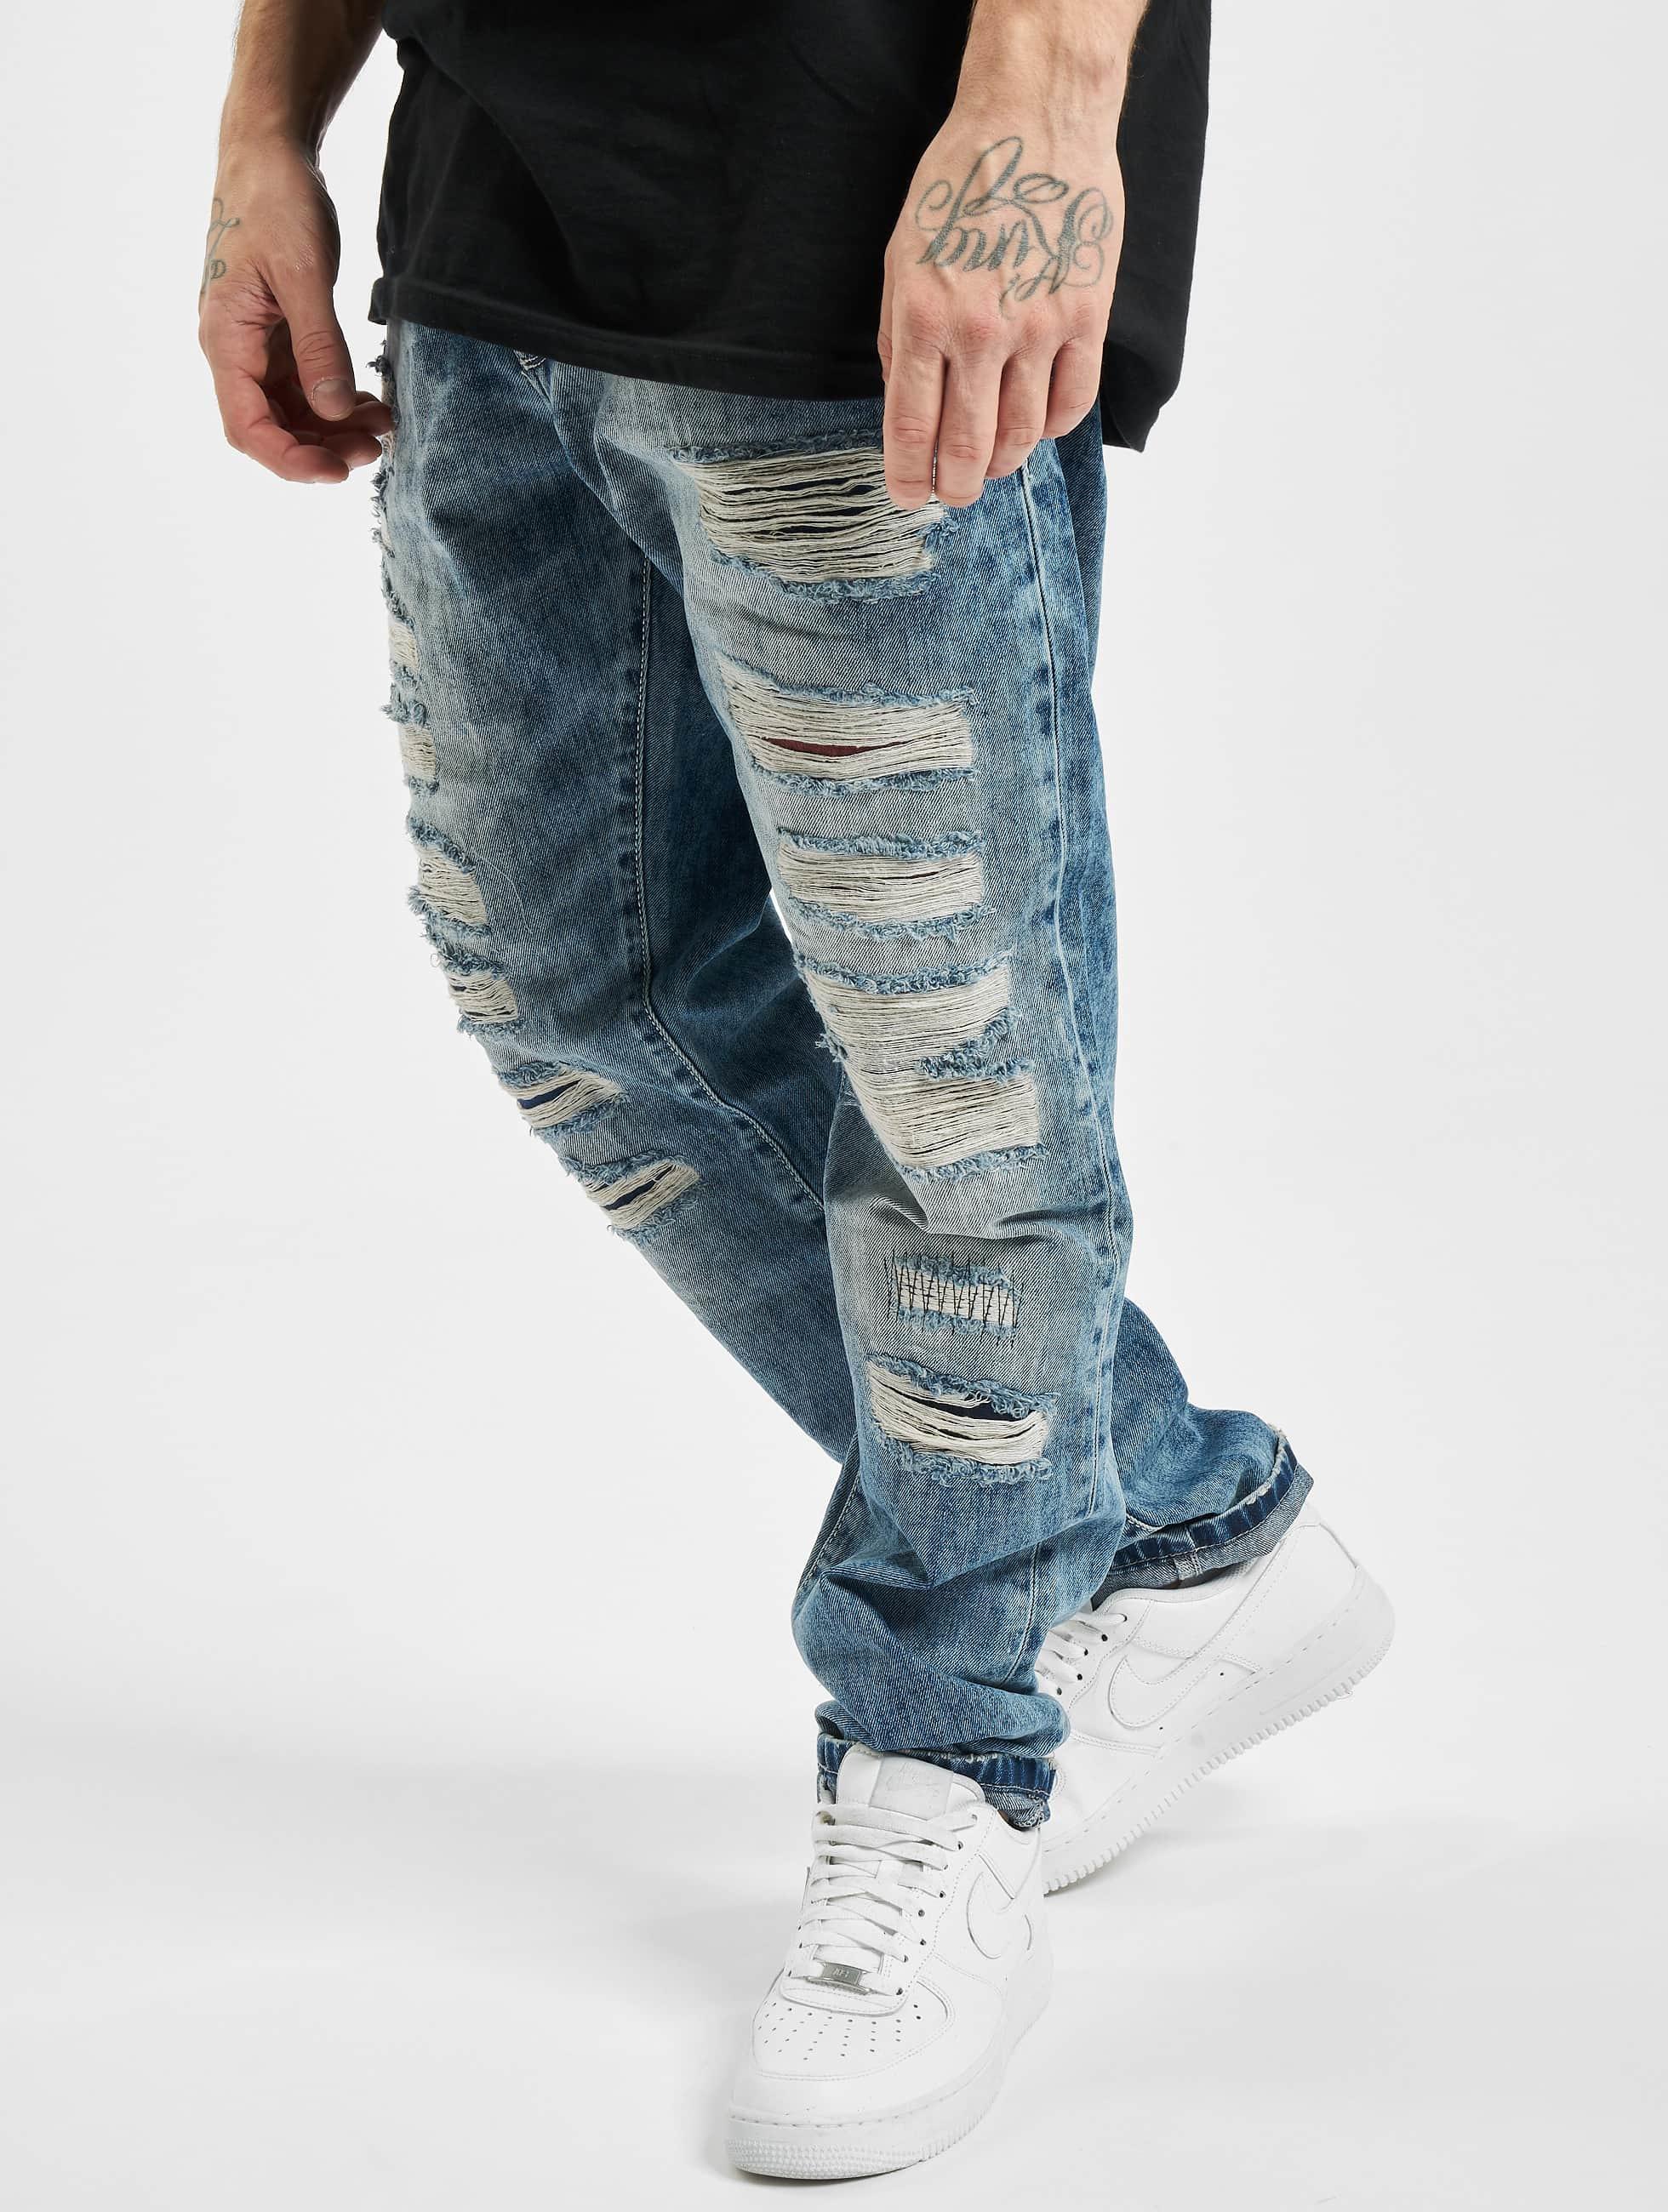 Jeans hosenformen herren